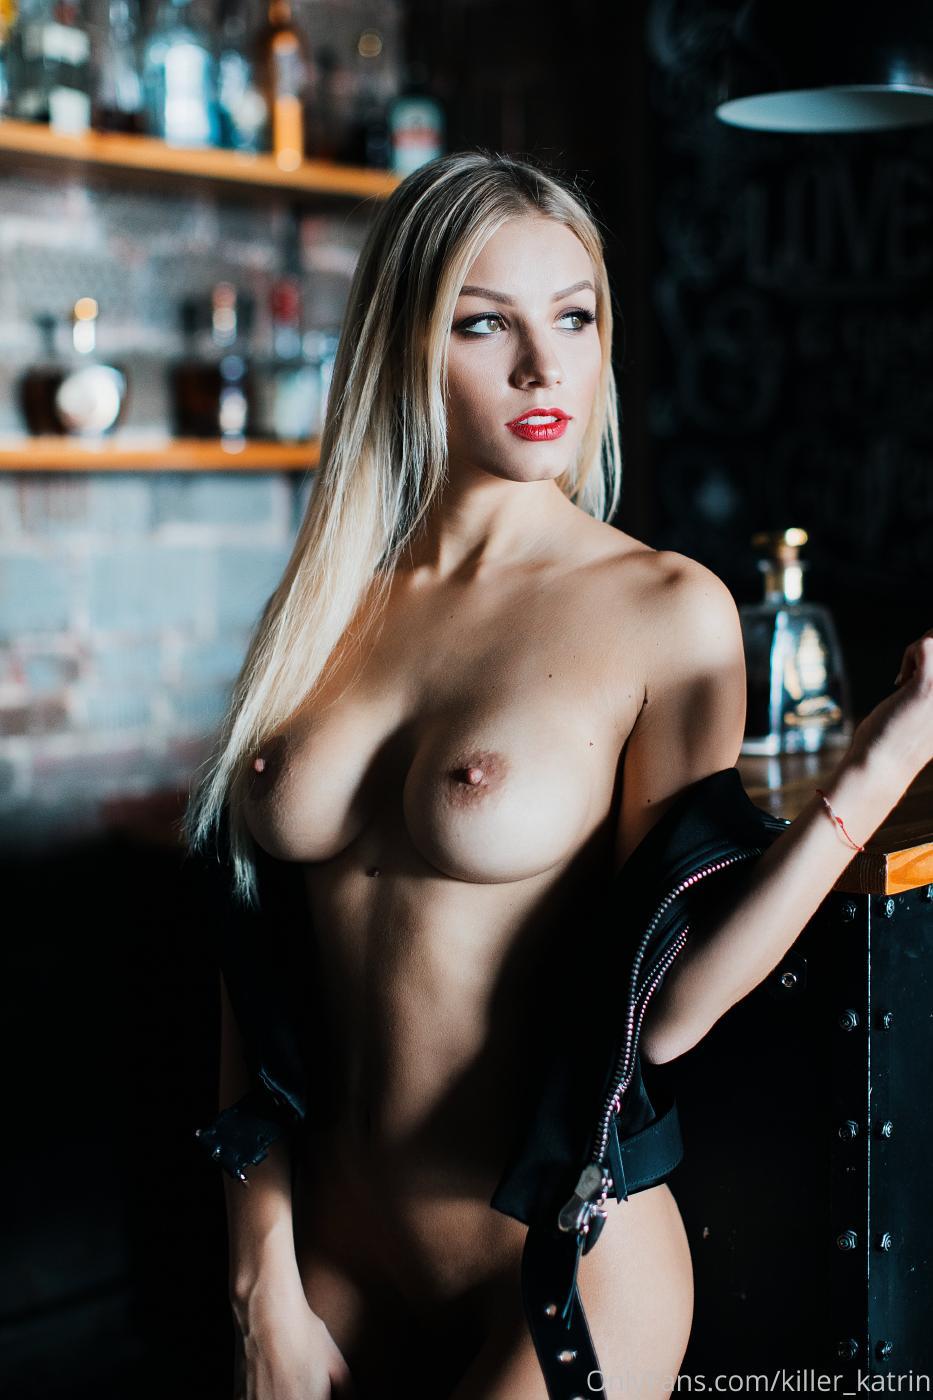 Killer Katrin Nude Bar Strip Onlyfans Set Leaked Zstnwo